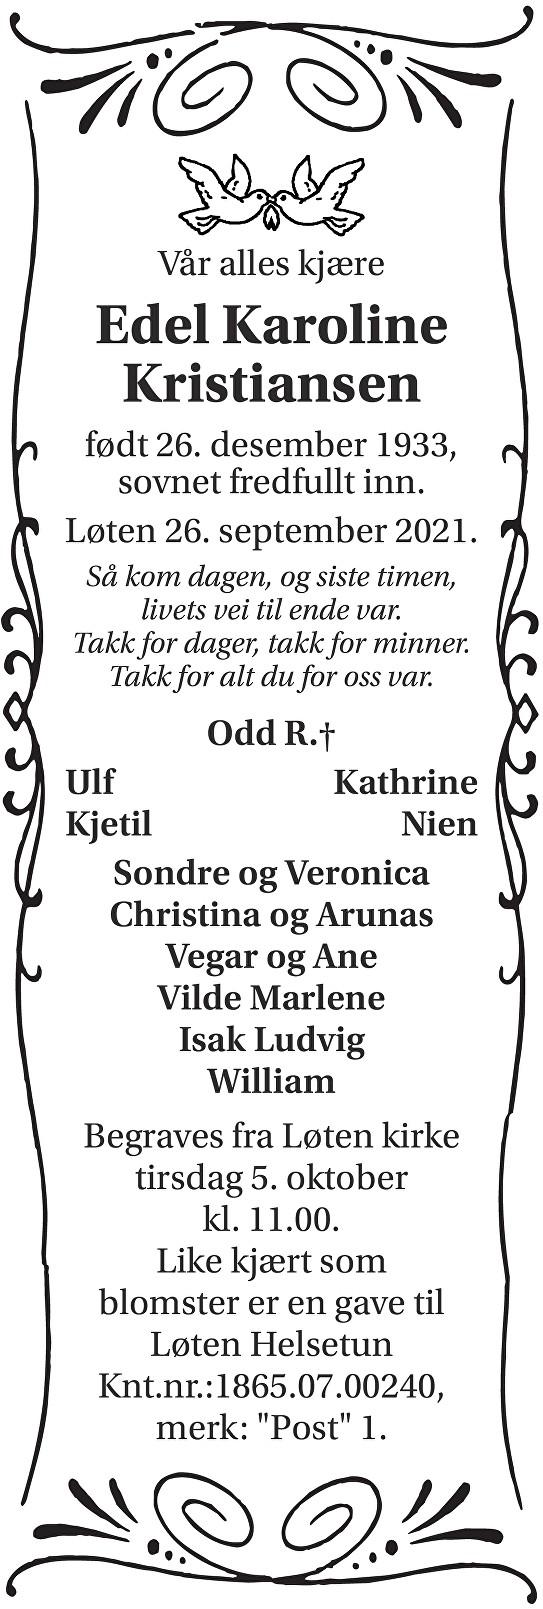 Edel Karoline Kristiansen Dødsannonse